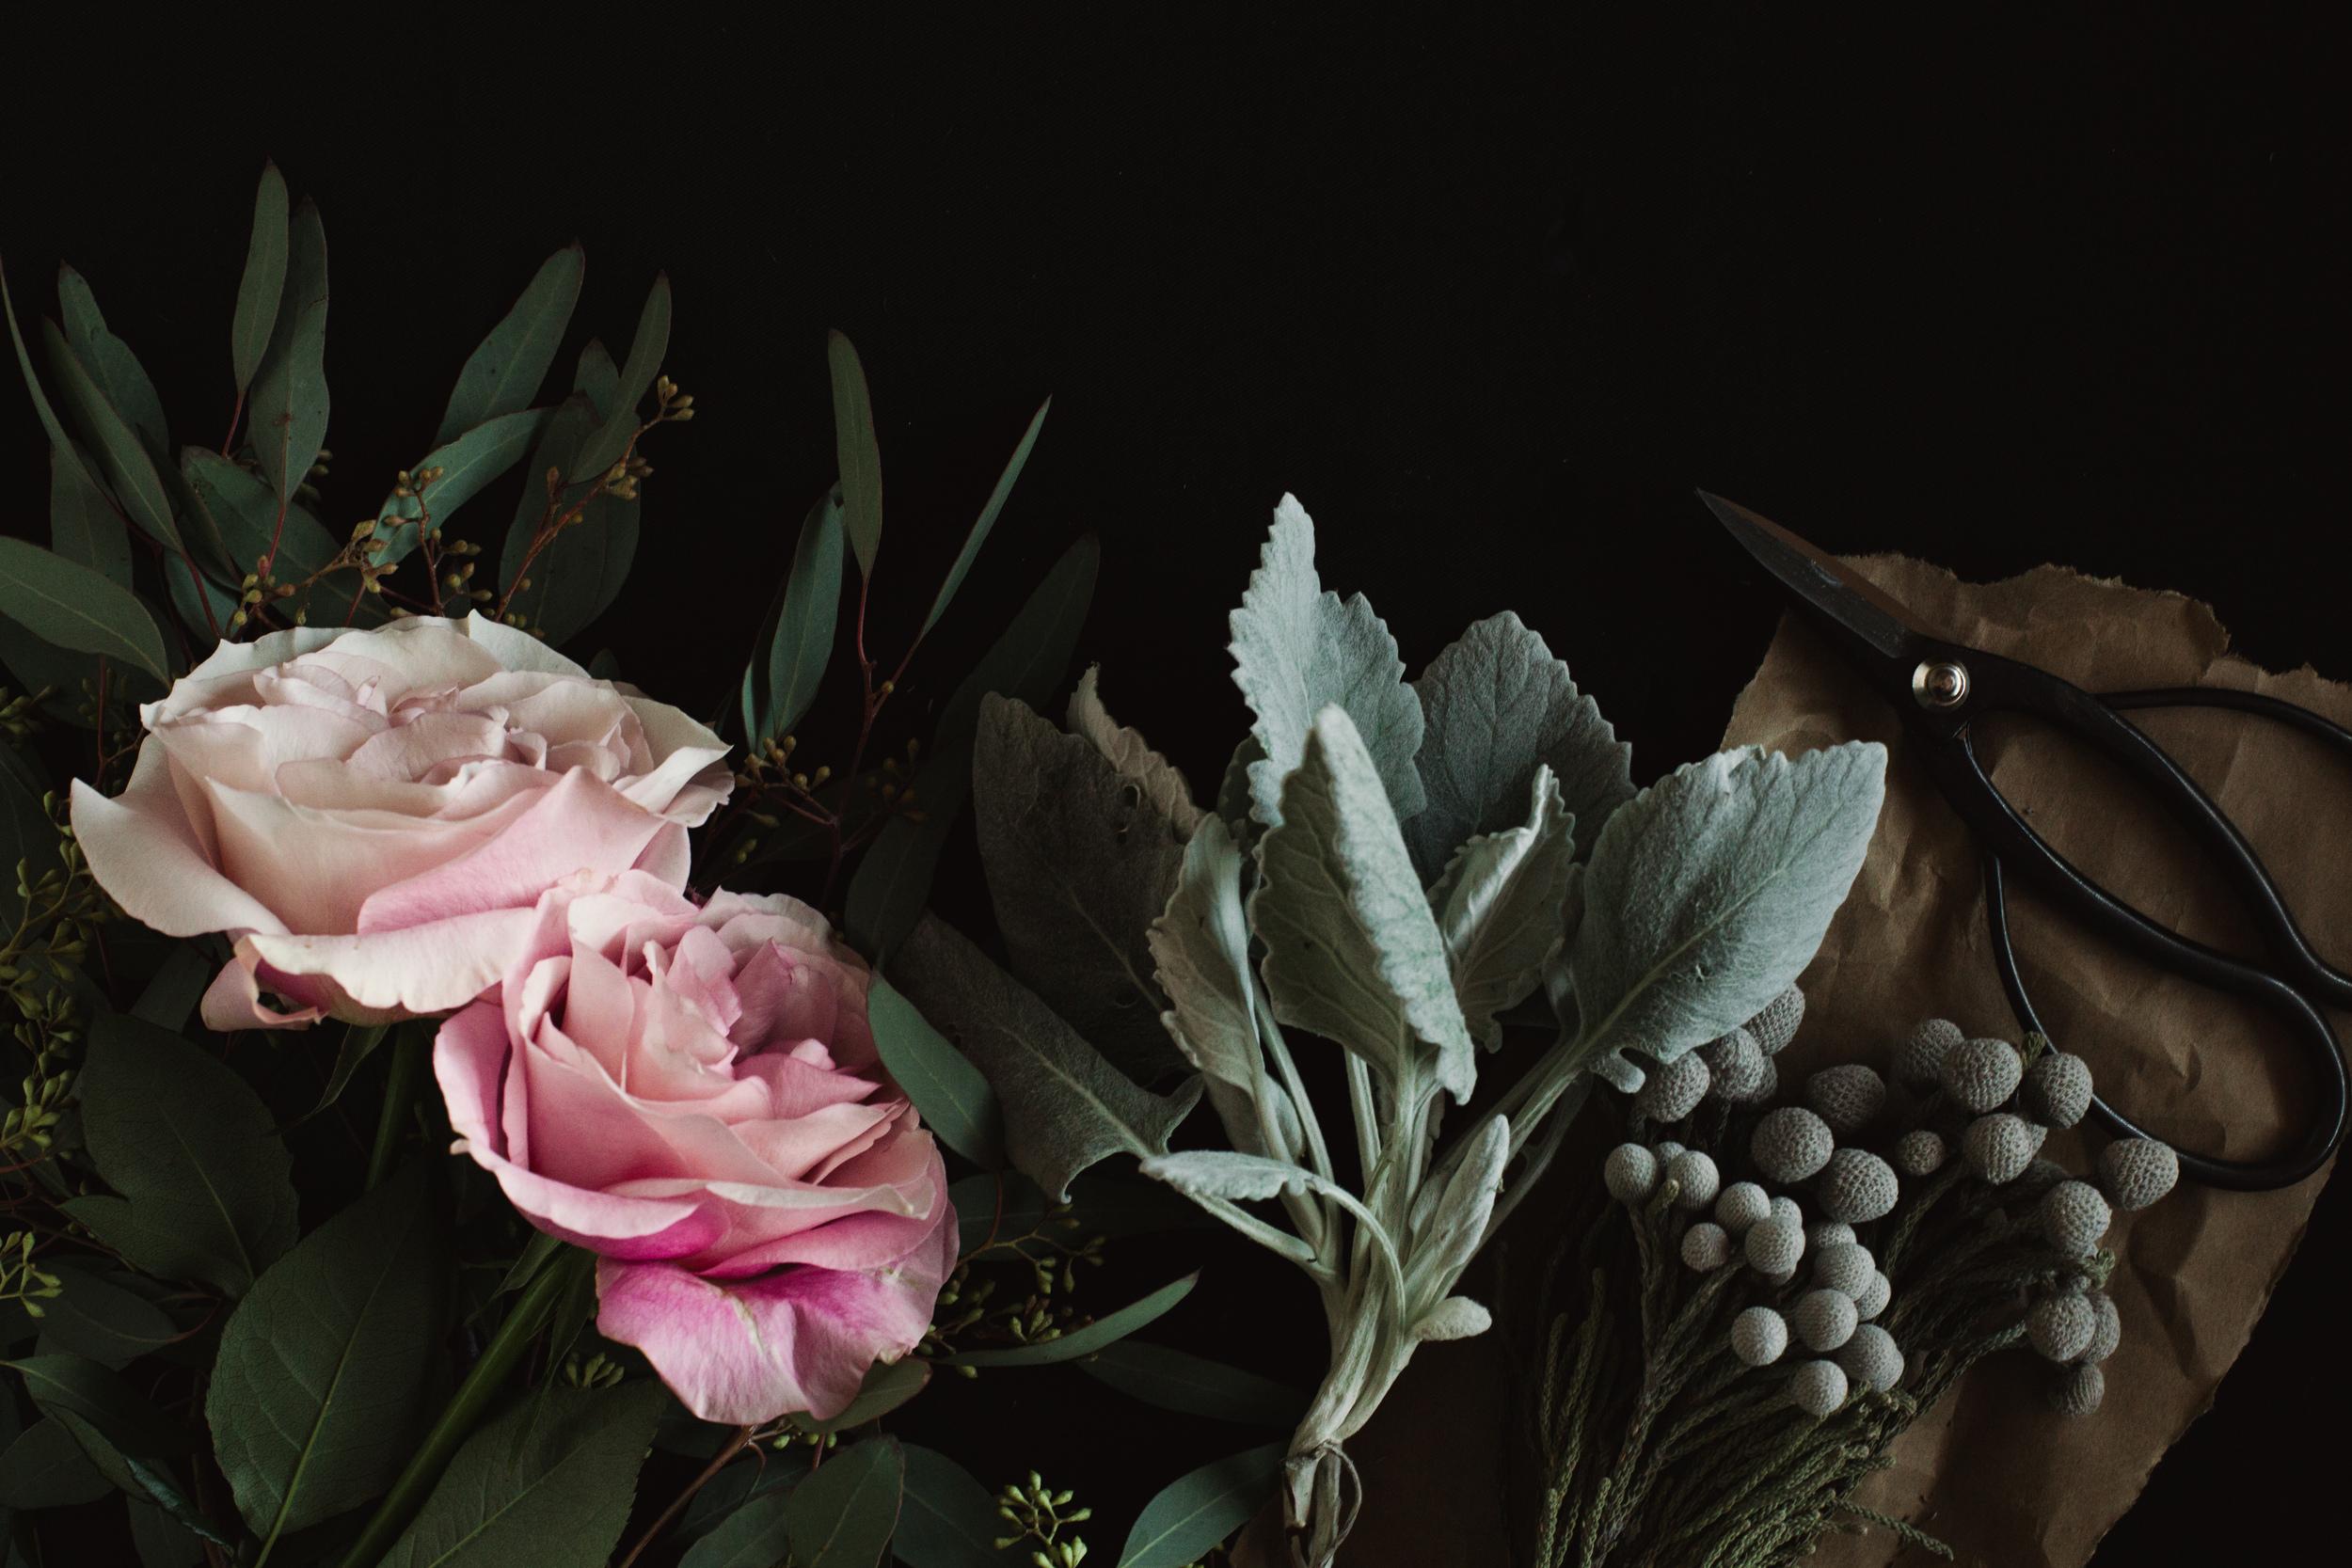 flowerstillsdec13-1.jpg